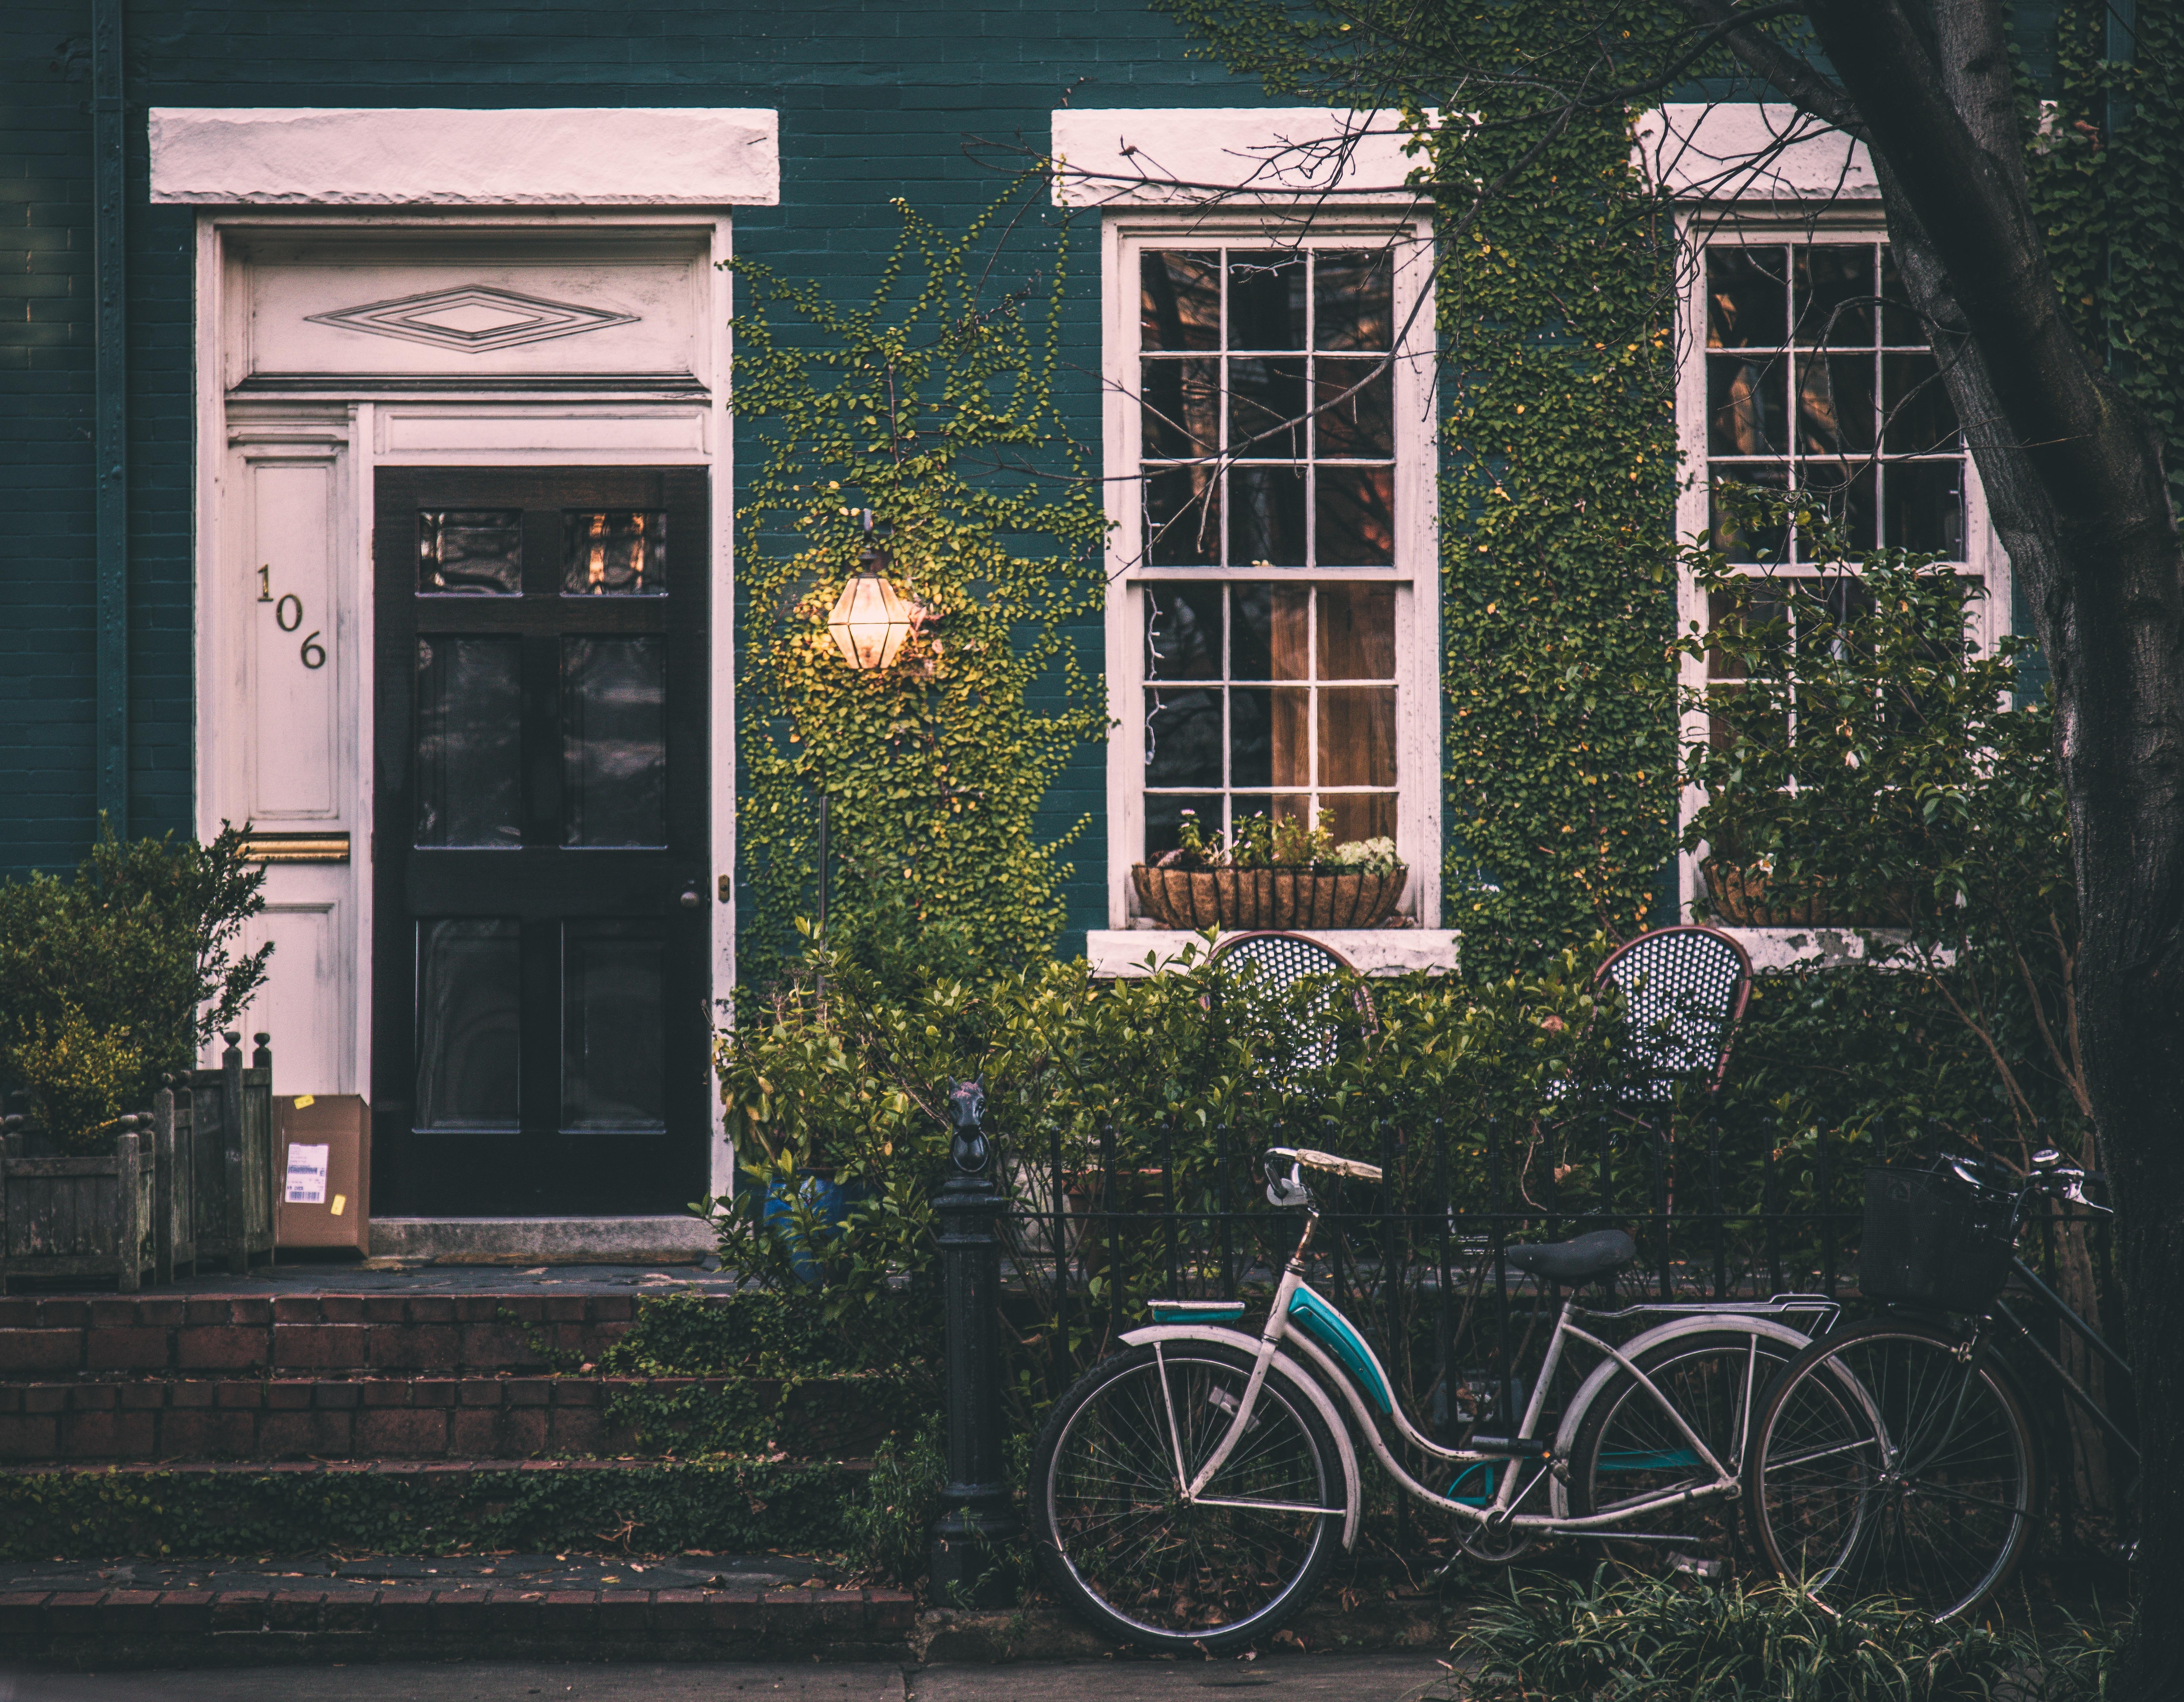 Kostenlose foto : draussen, die Architektur, Jahrgang, Fenster ...